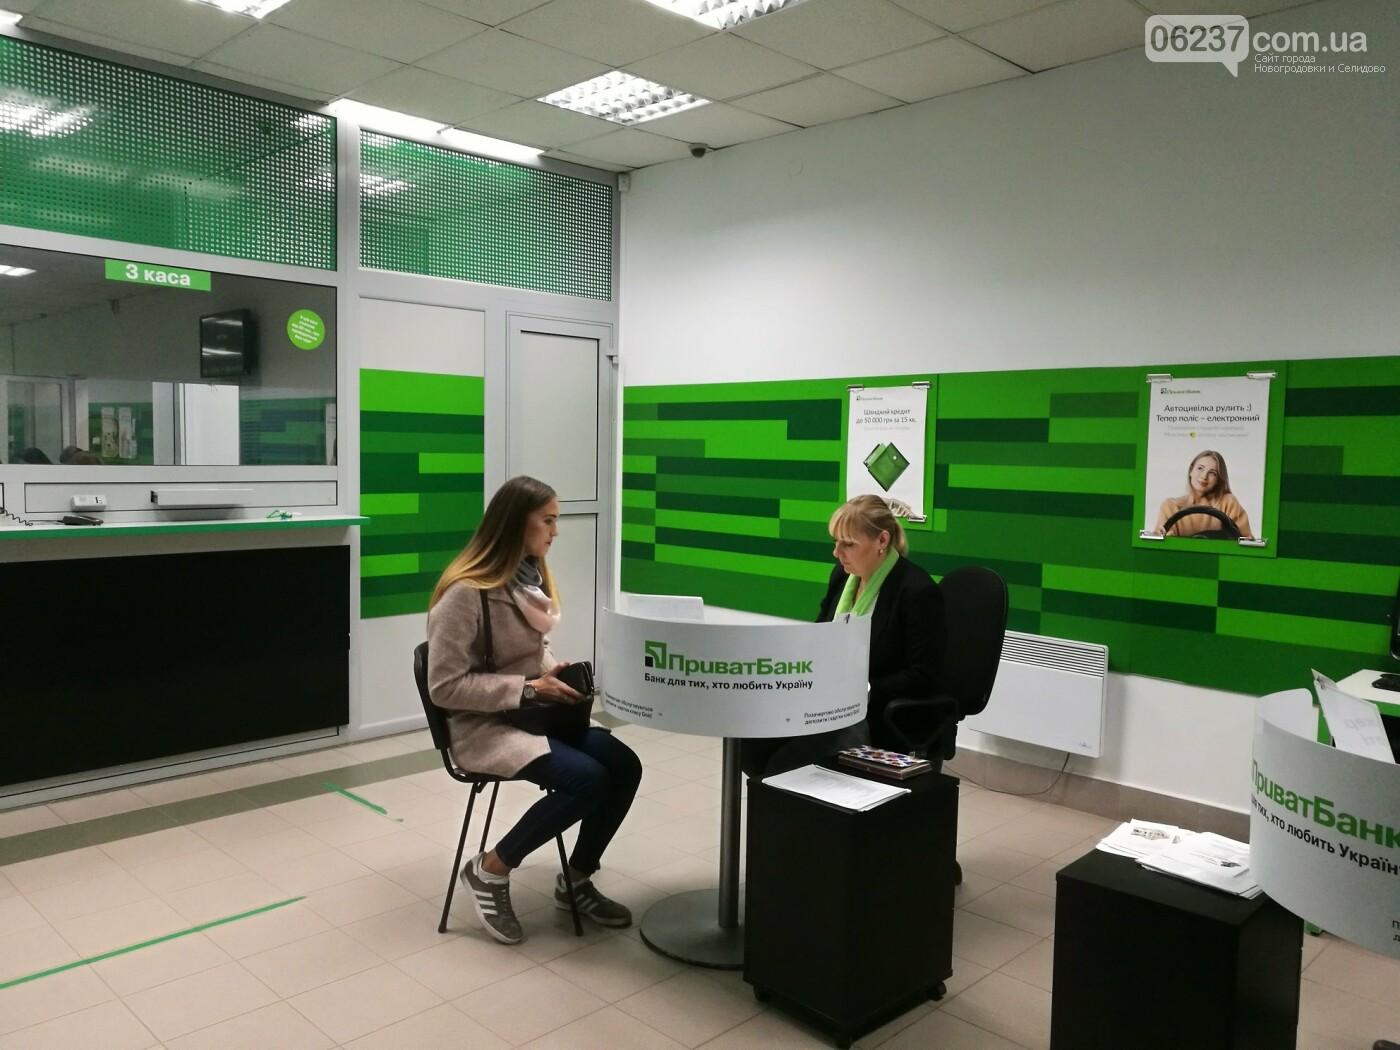 В Приватбанке срочно обратились к украинцам: в связи со вчерашними решениями Рады…, фото-1